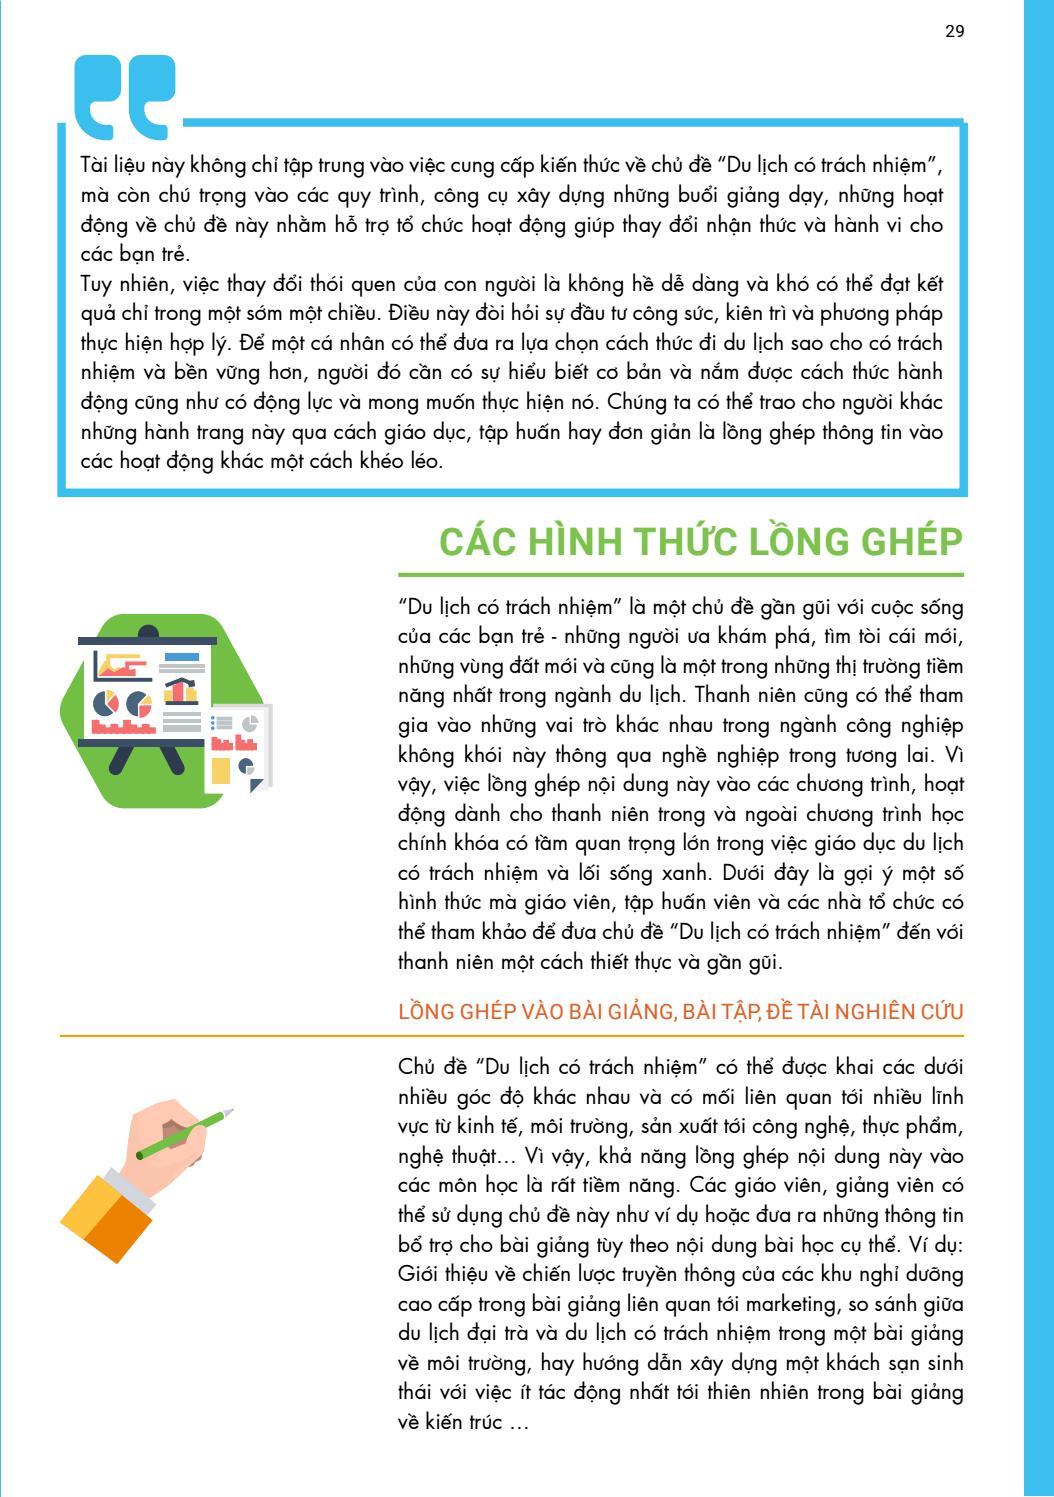 [Tài liệu LSST] Du lịch có trách nhiệm page 29